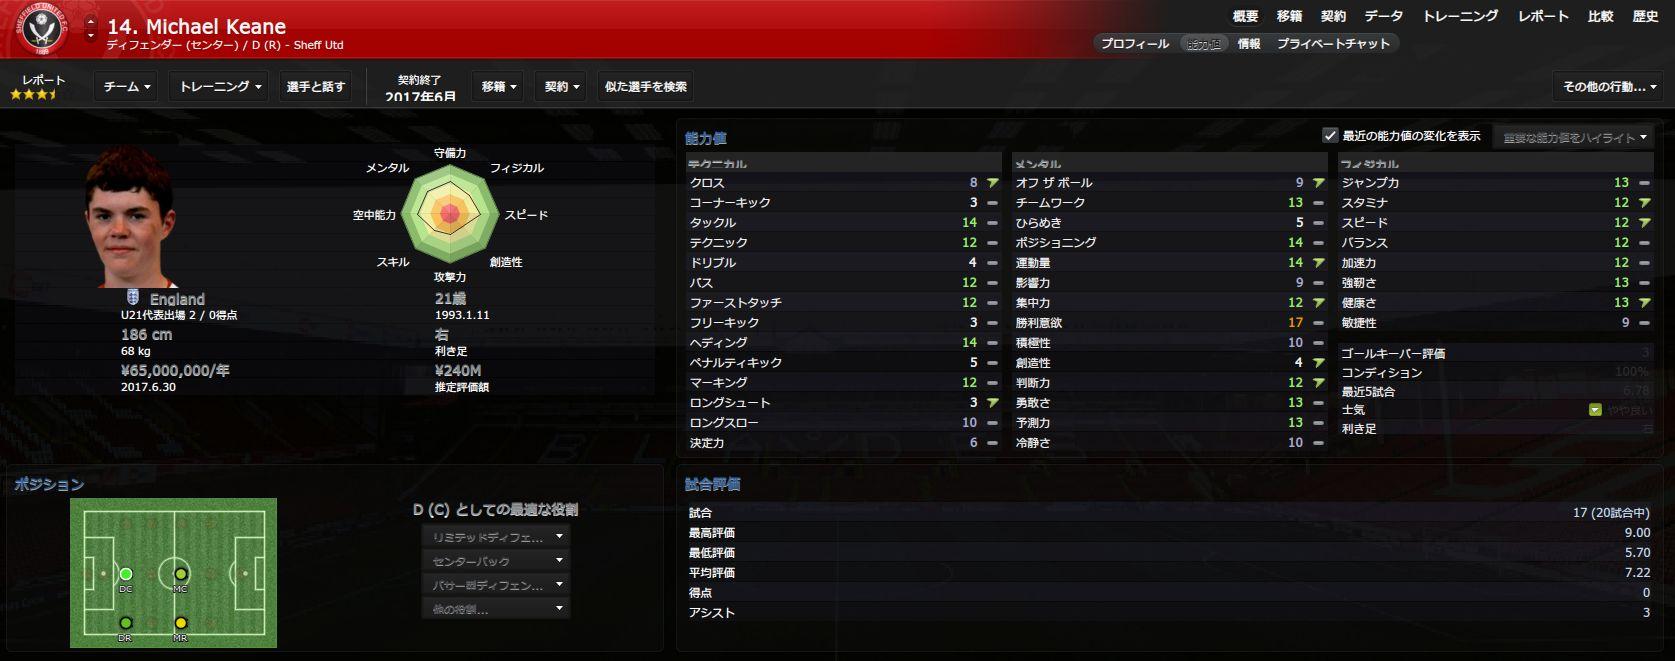 WS001080.jpg